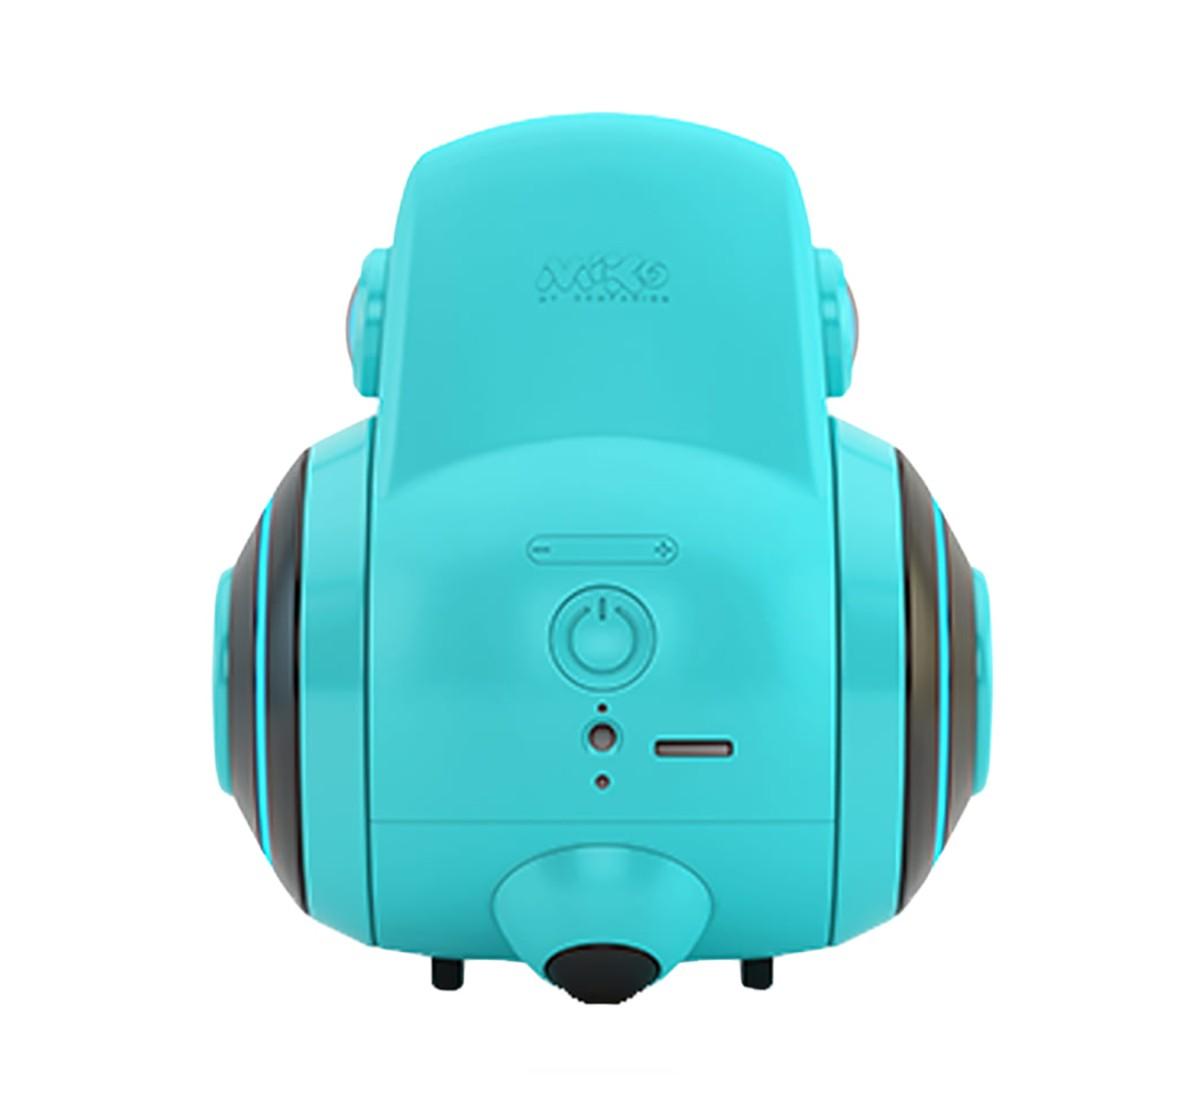 Miko 2 My Companion Robot - Blue Robotics for Kids age 5Y+ (Blue)